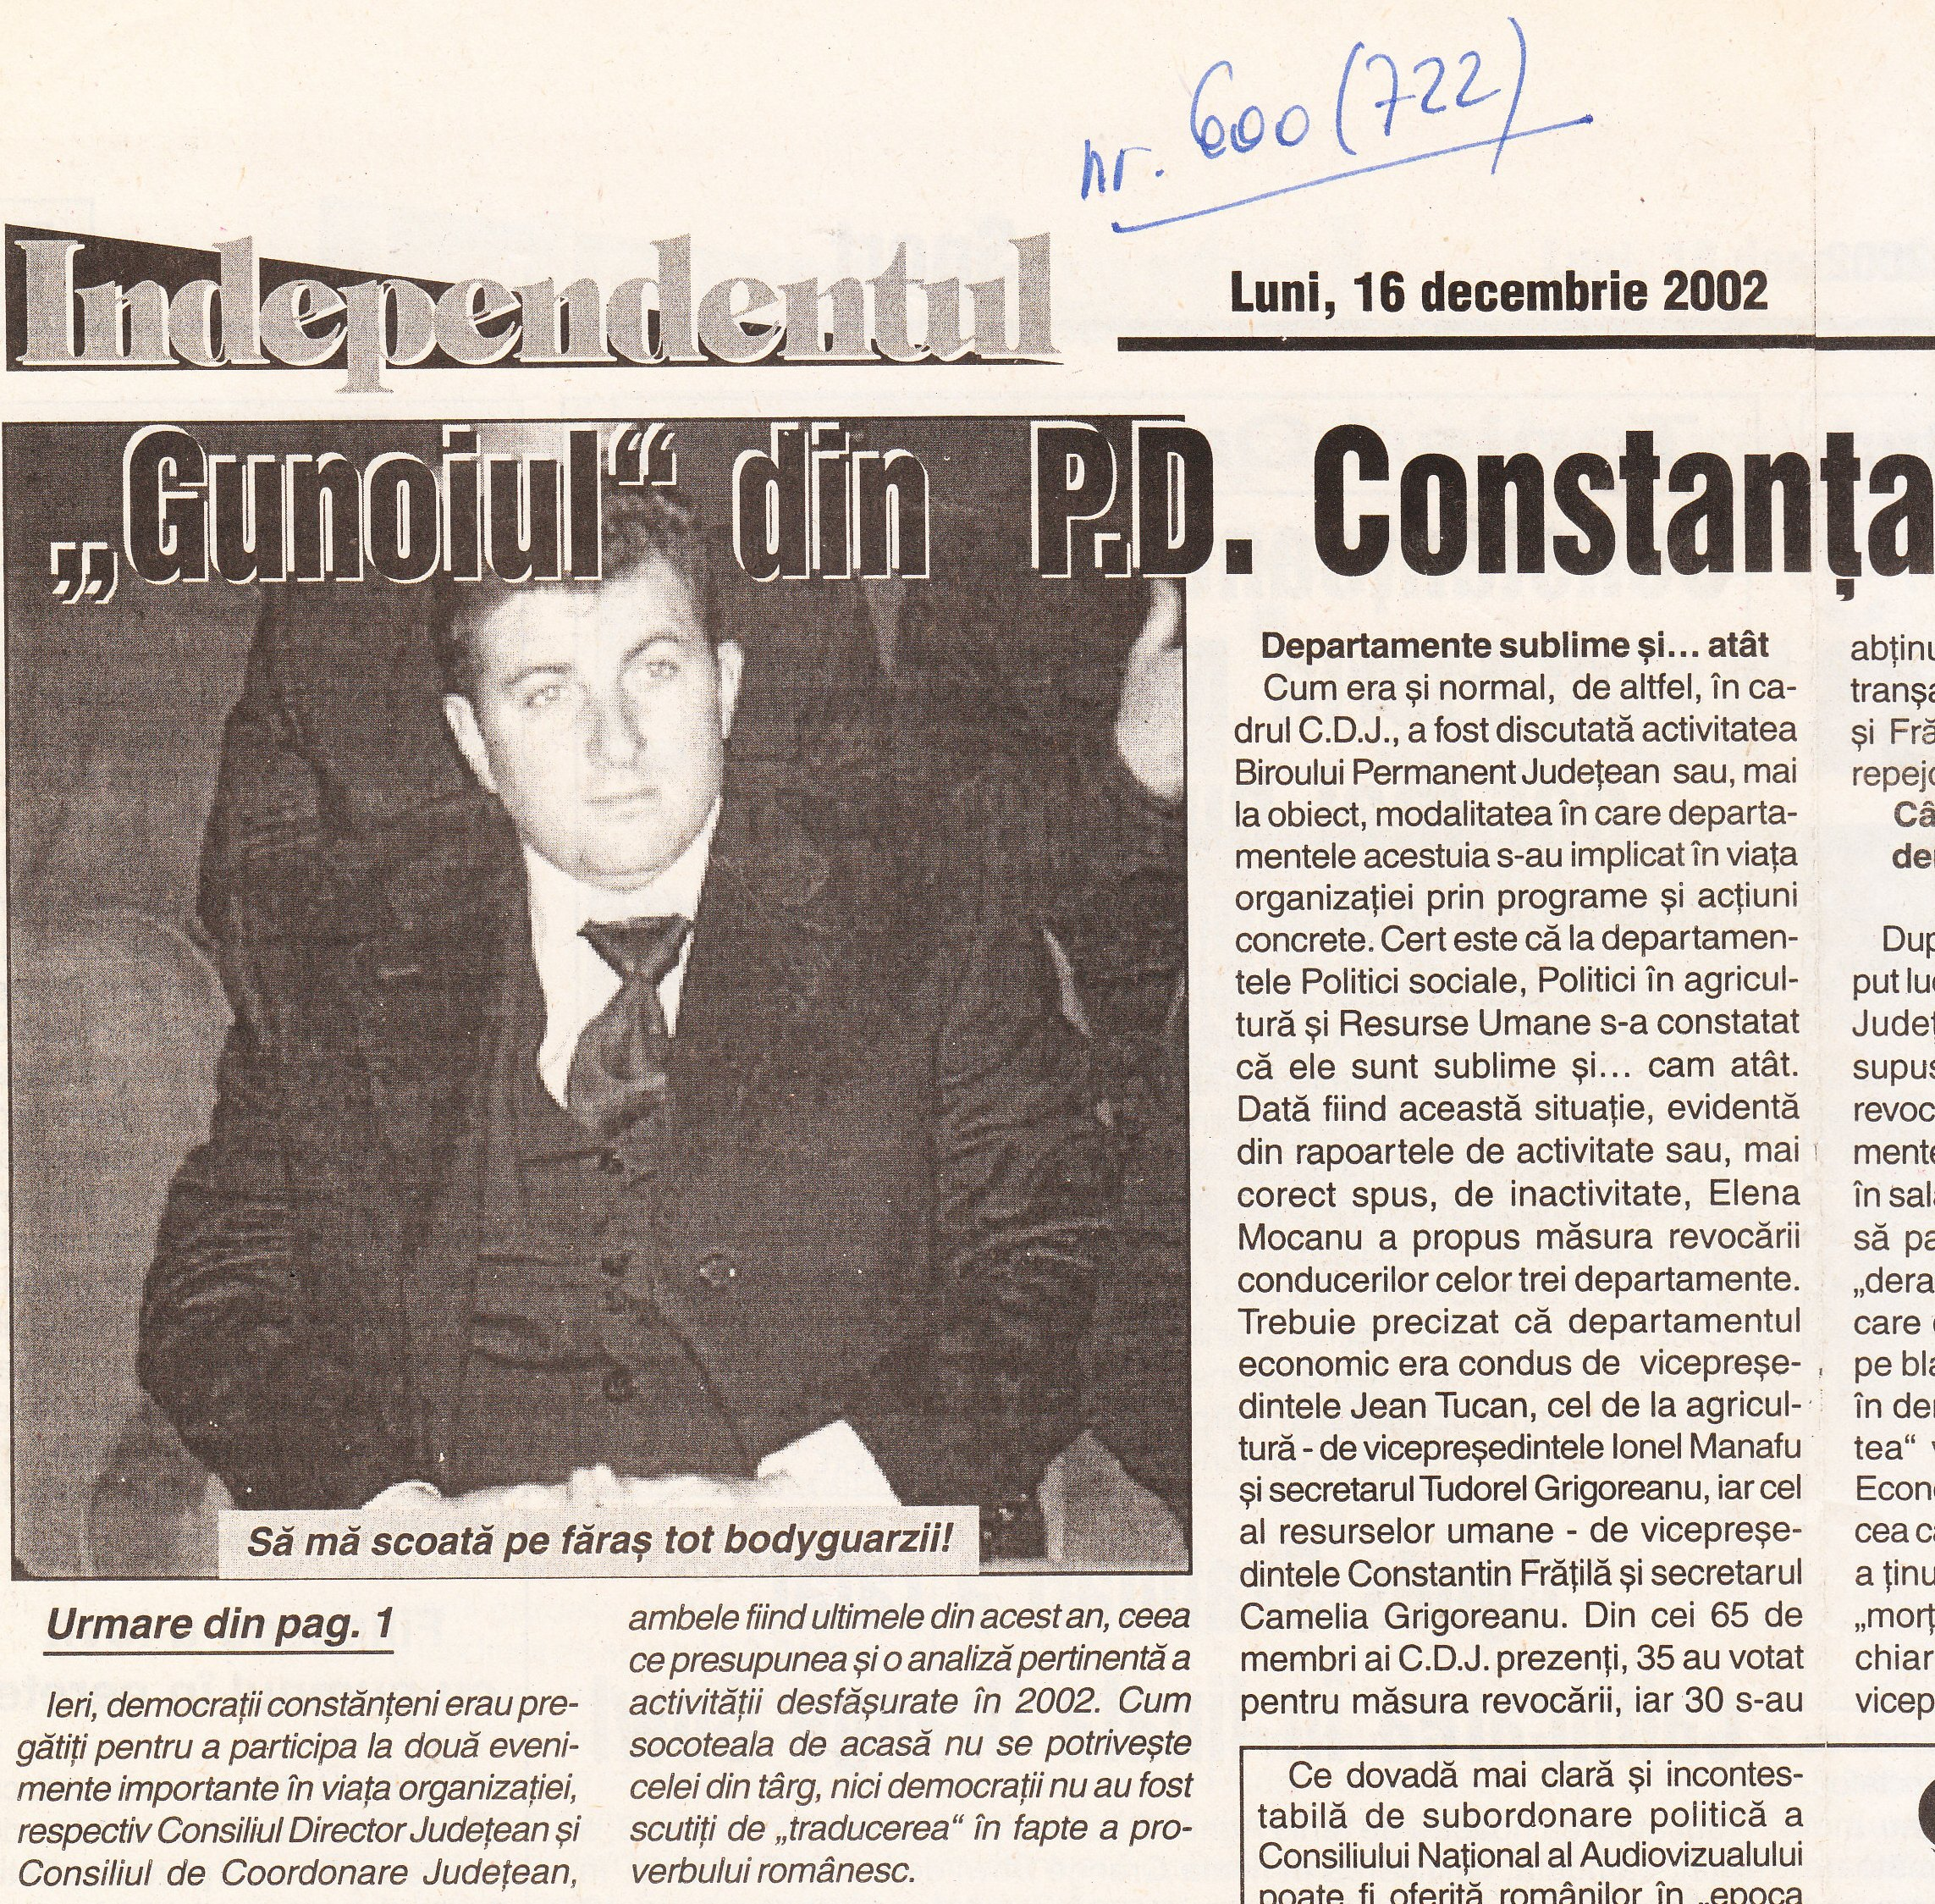 Cotidianul INDEPENDENTUL nr. 600 (722) din 16.12.2002.